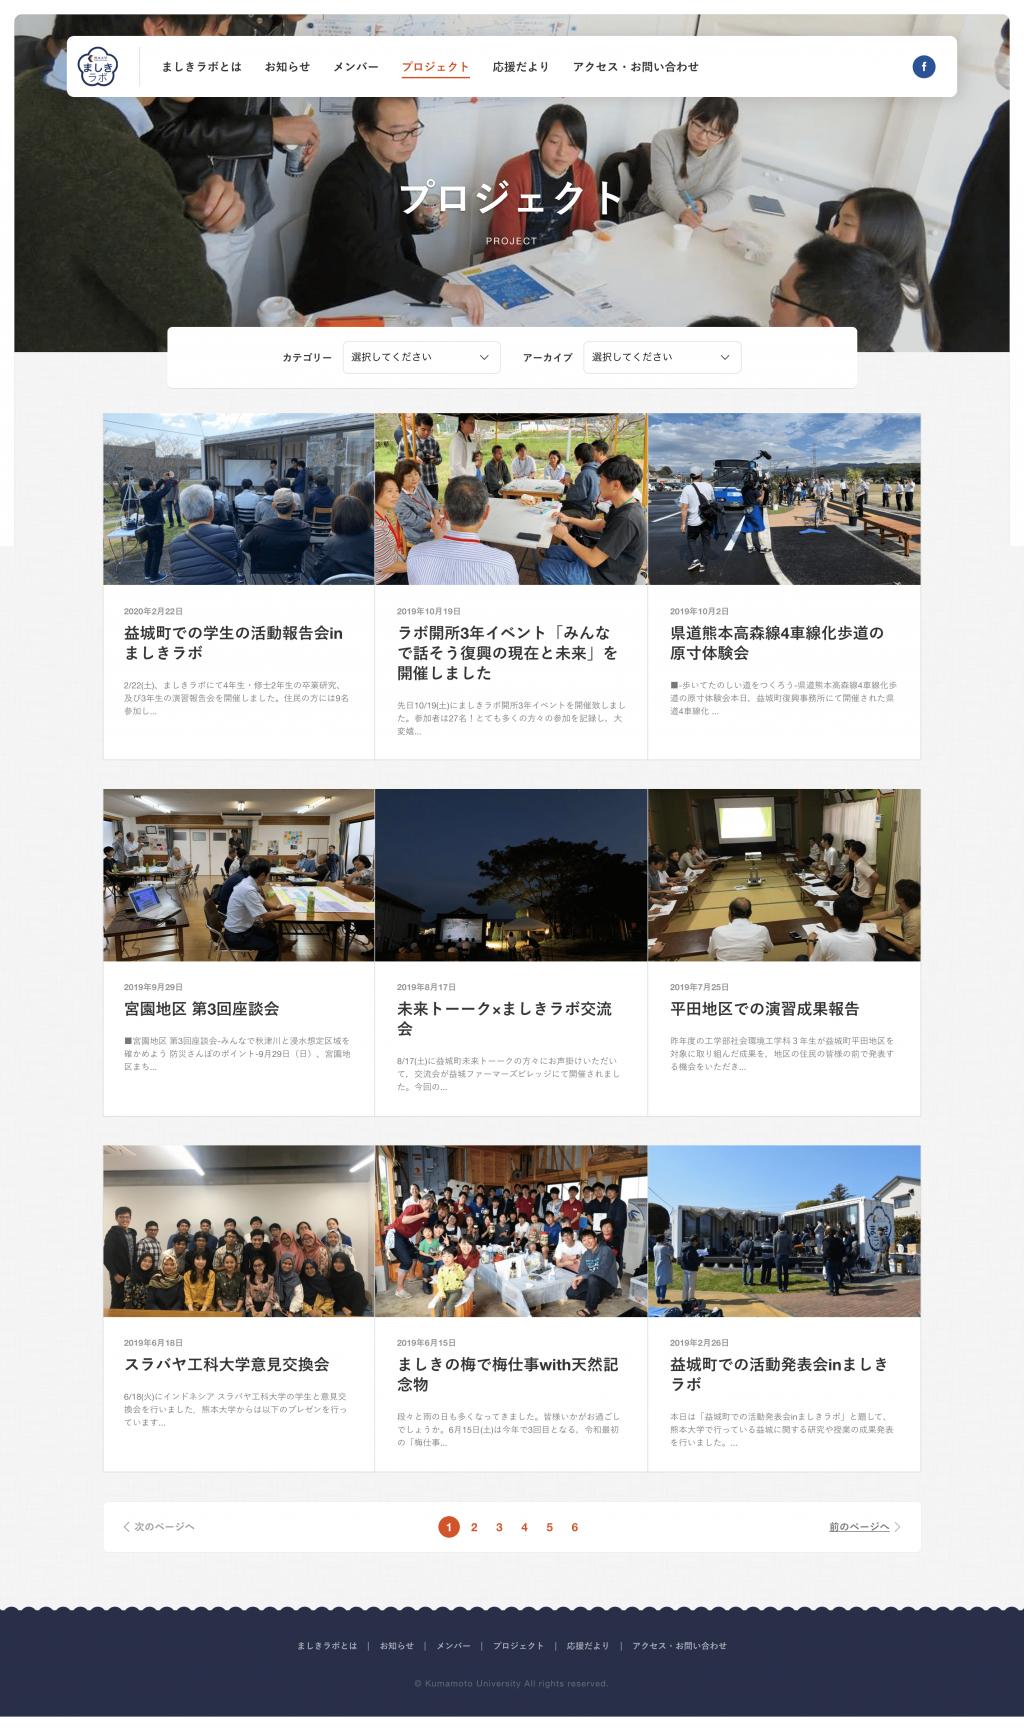 熊本大学 ましきラボサイトのパソコン表示